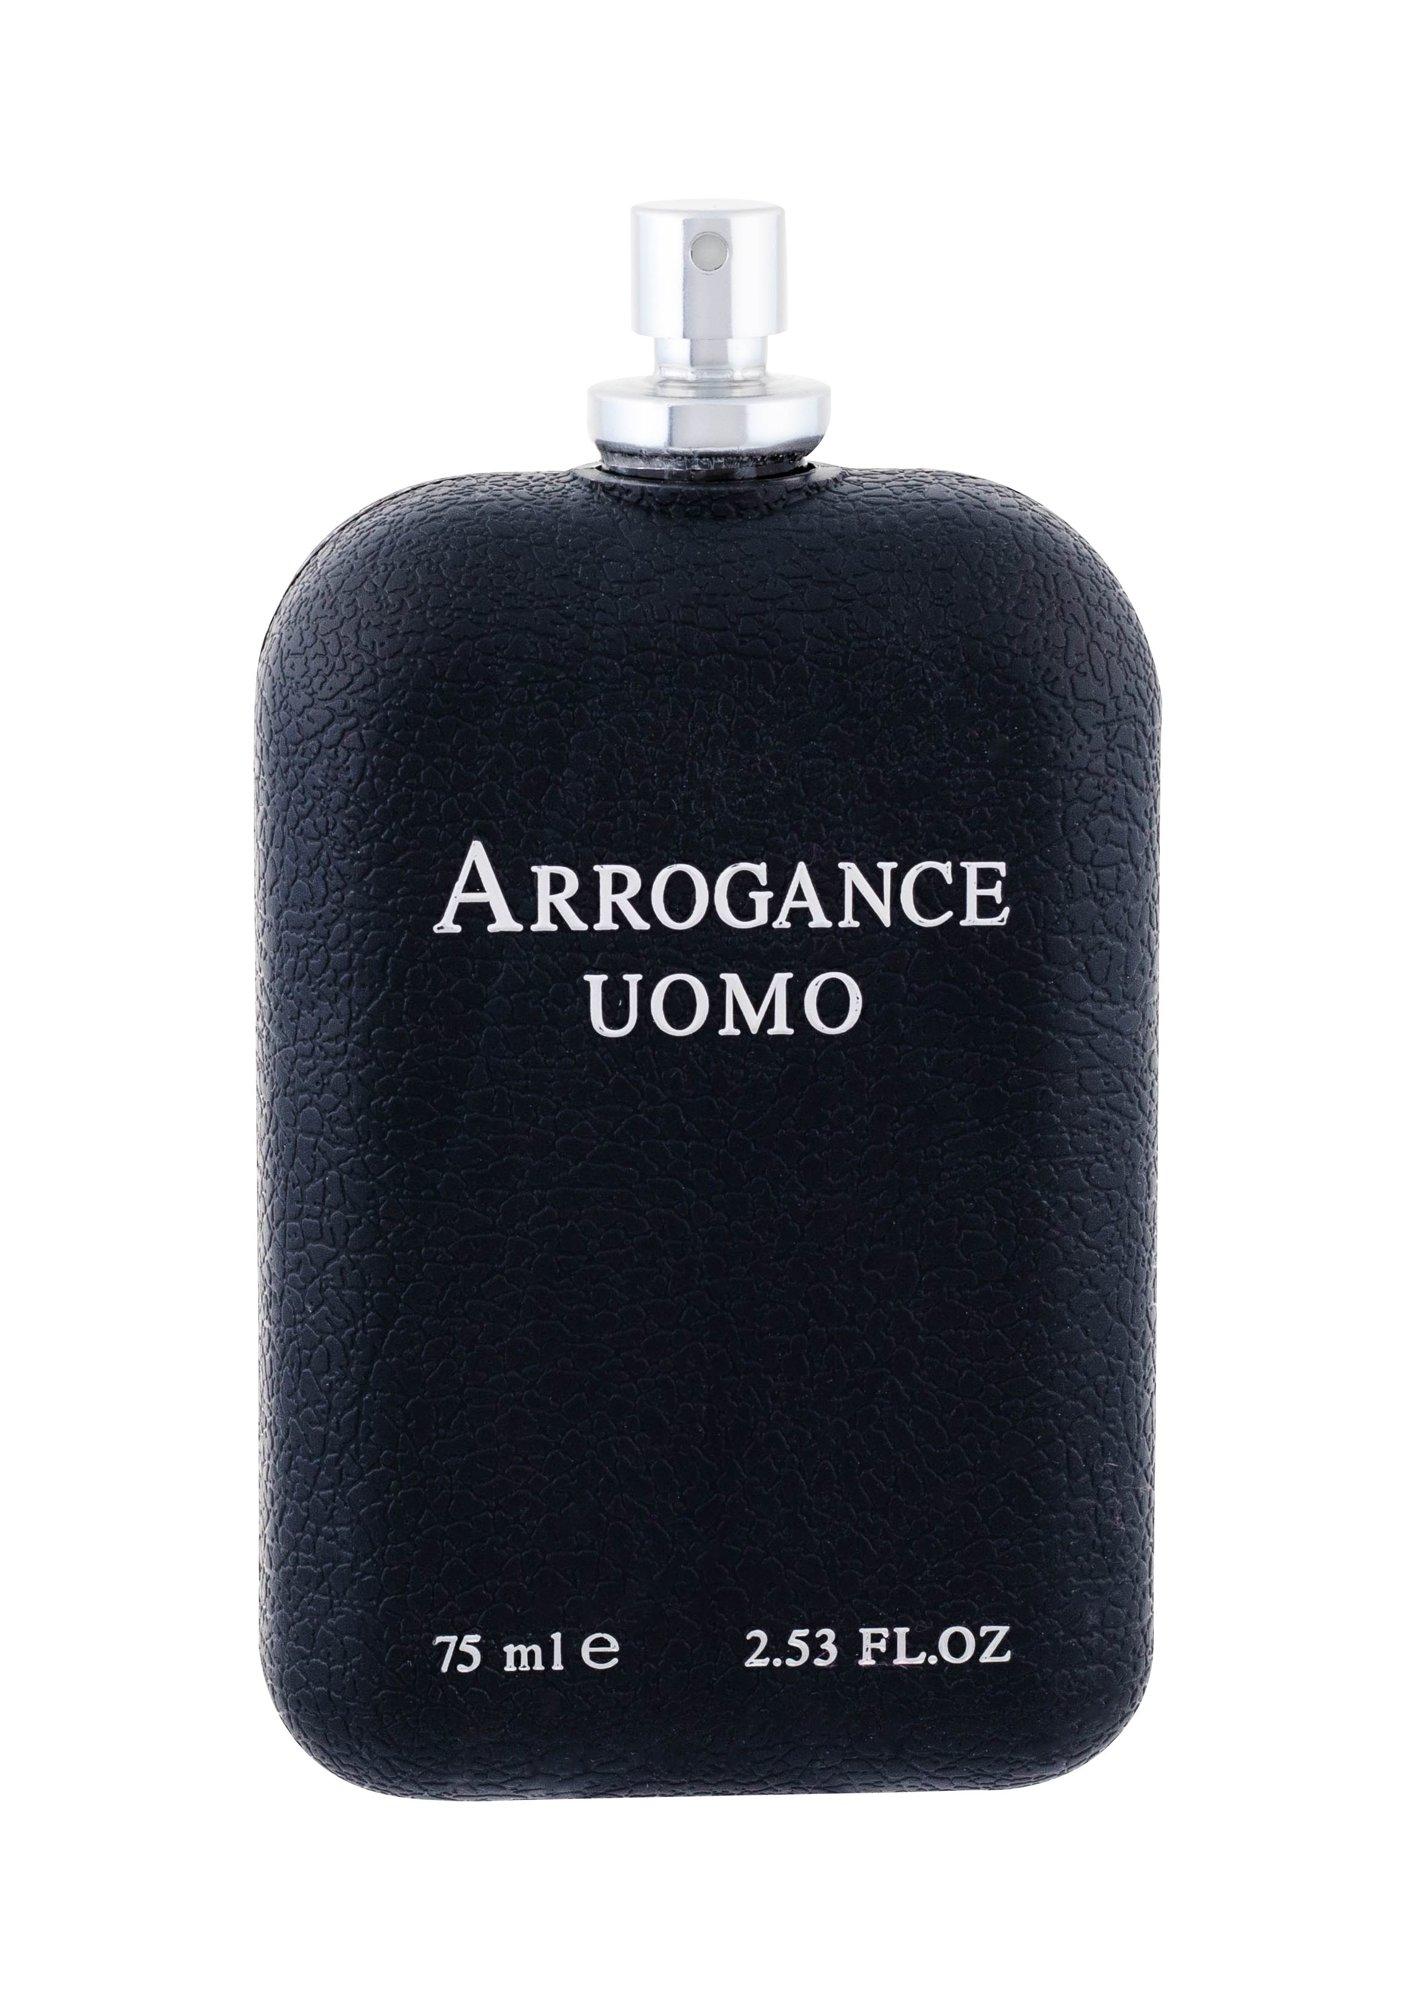 Arrogance Arrogance Uomo Eau de Toilette 75ml